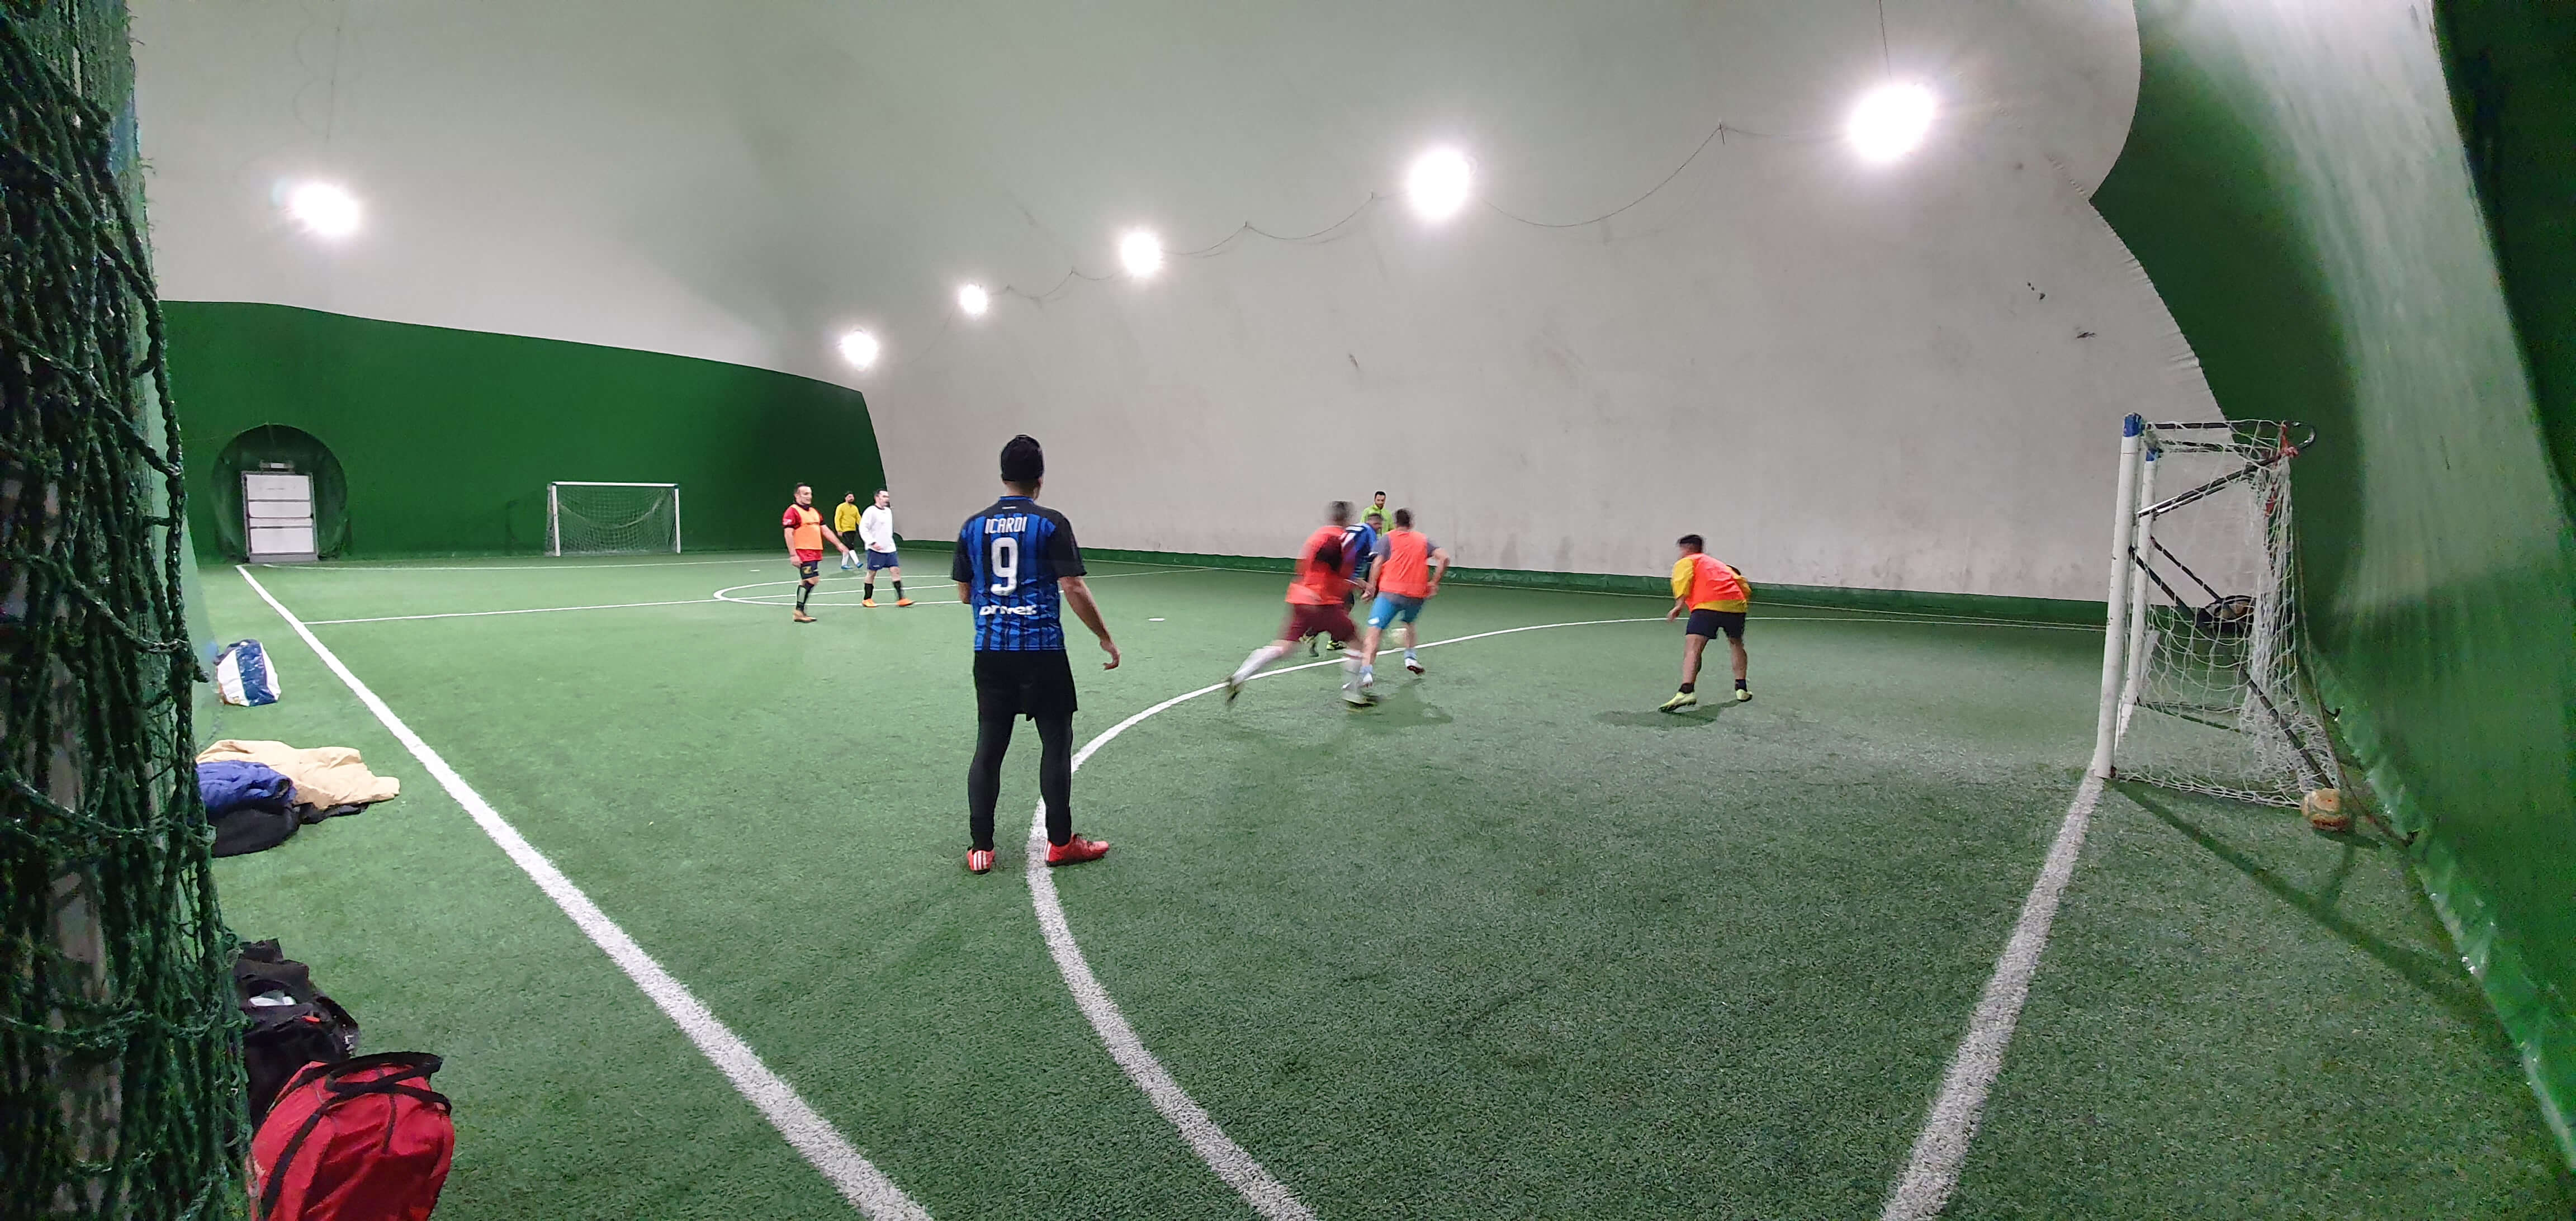 Centro-sportivo-la-pianta-310-la-spezia-2